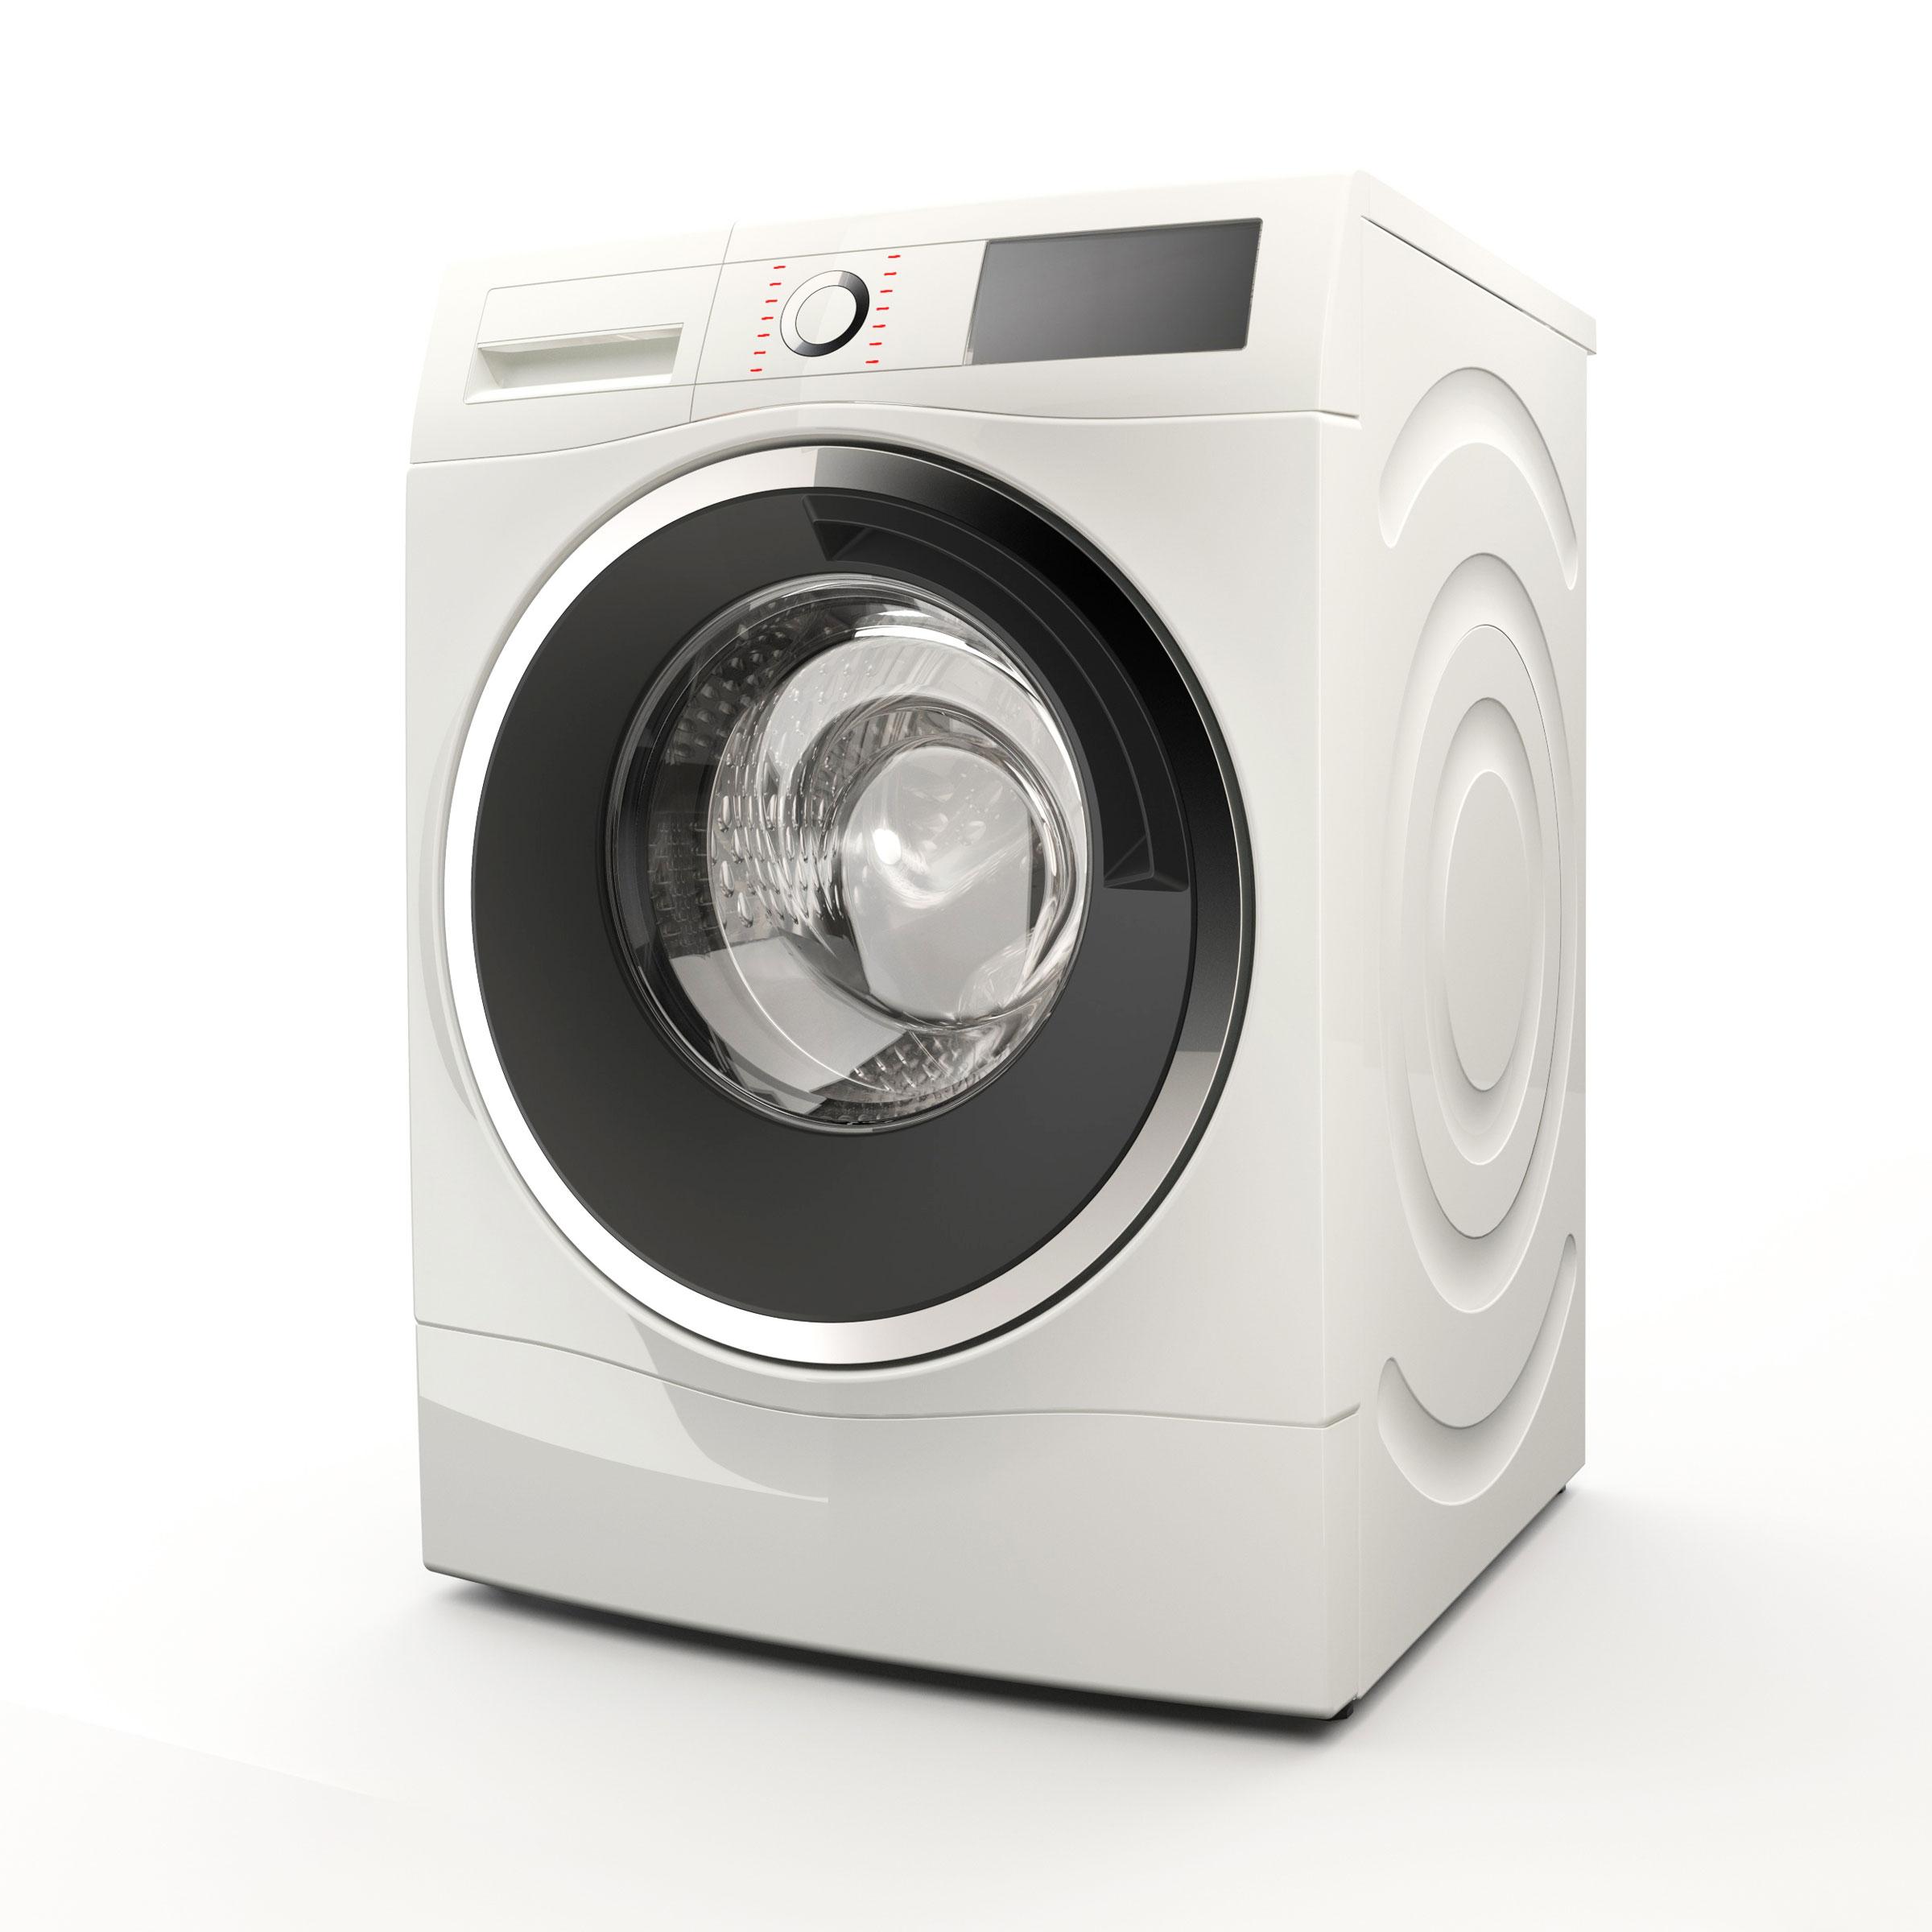 B-Bosch-Waschmaschine